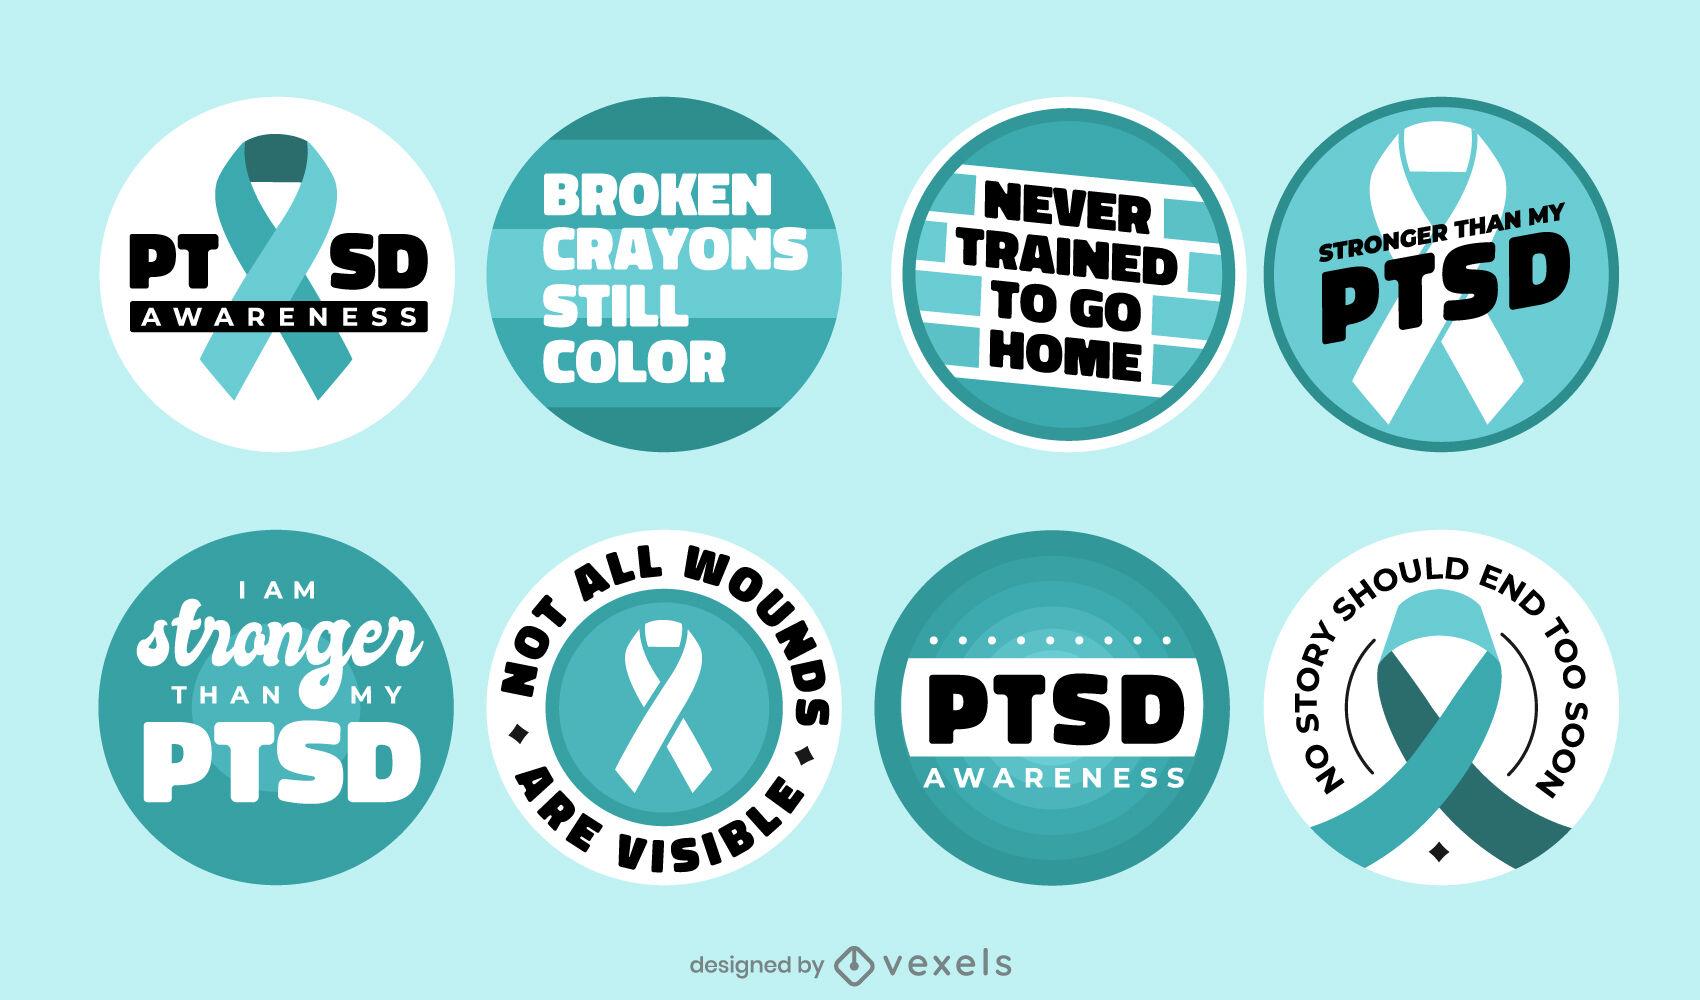 PTSD-Bewusstseins-Abzeichen-Set für psychische Gesundheit